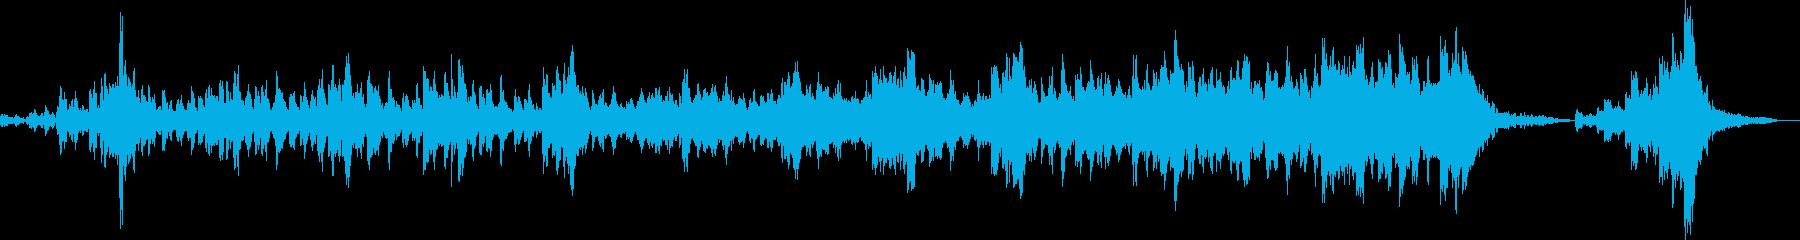 動画 サスペンス 期待する ミステ...の再生済みの波形